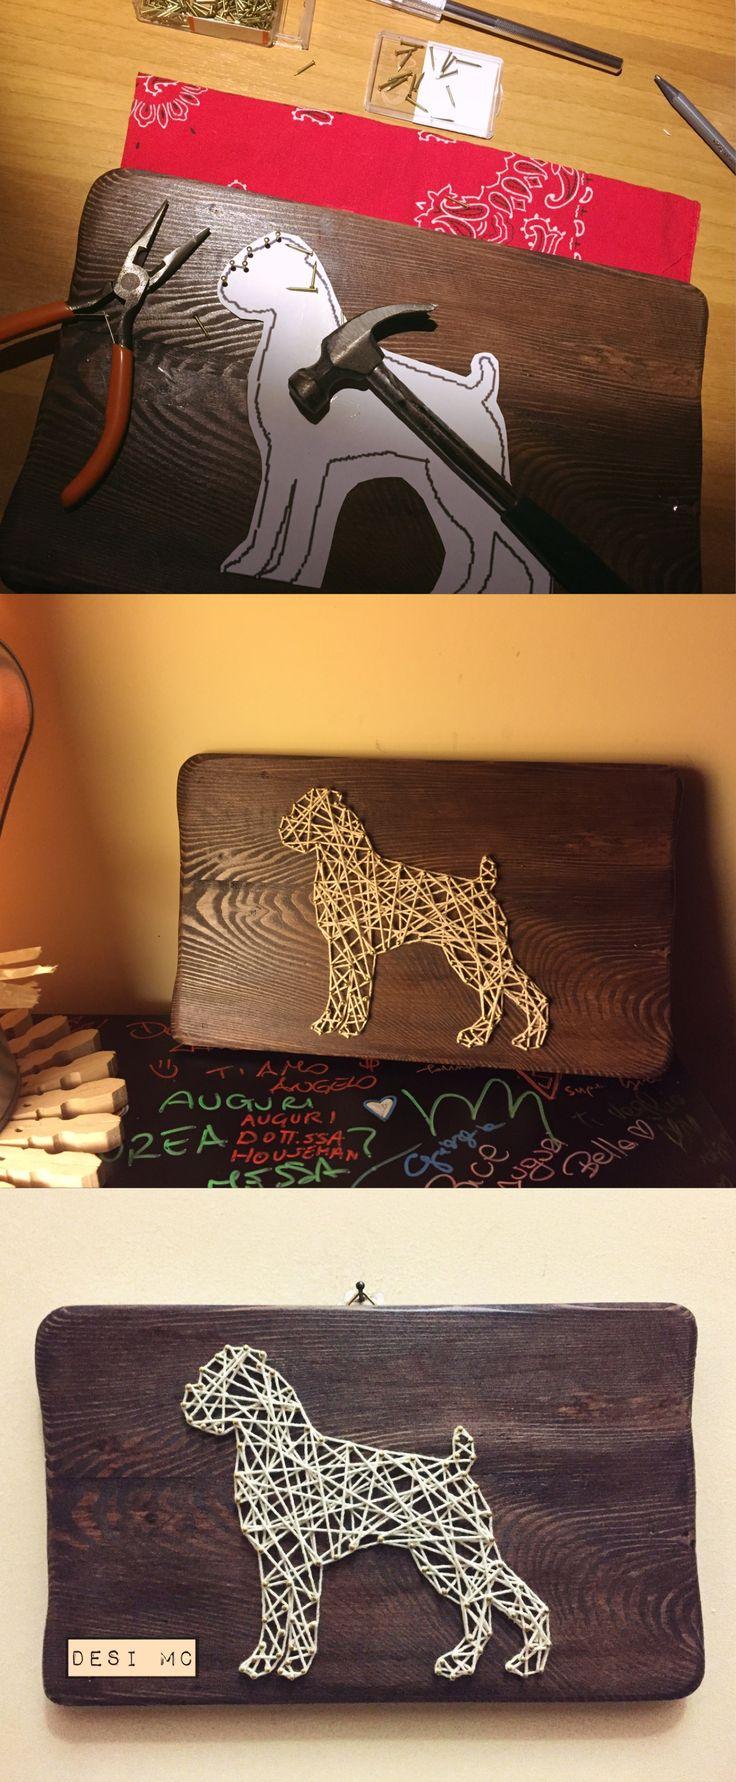 String Art Mode #stringart #dog #boxer #art #wood #present #creativity #pet #idea